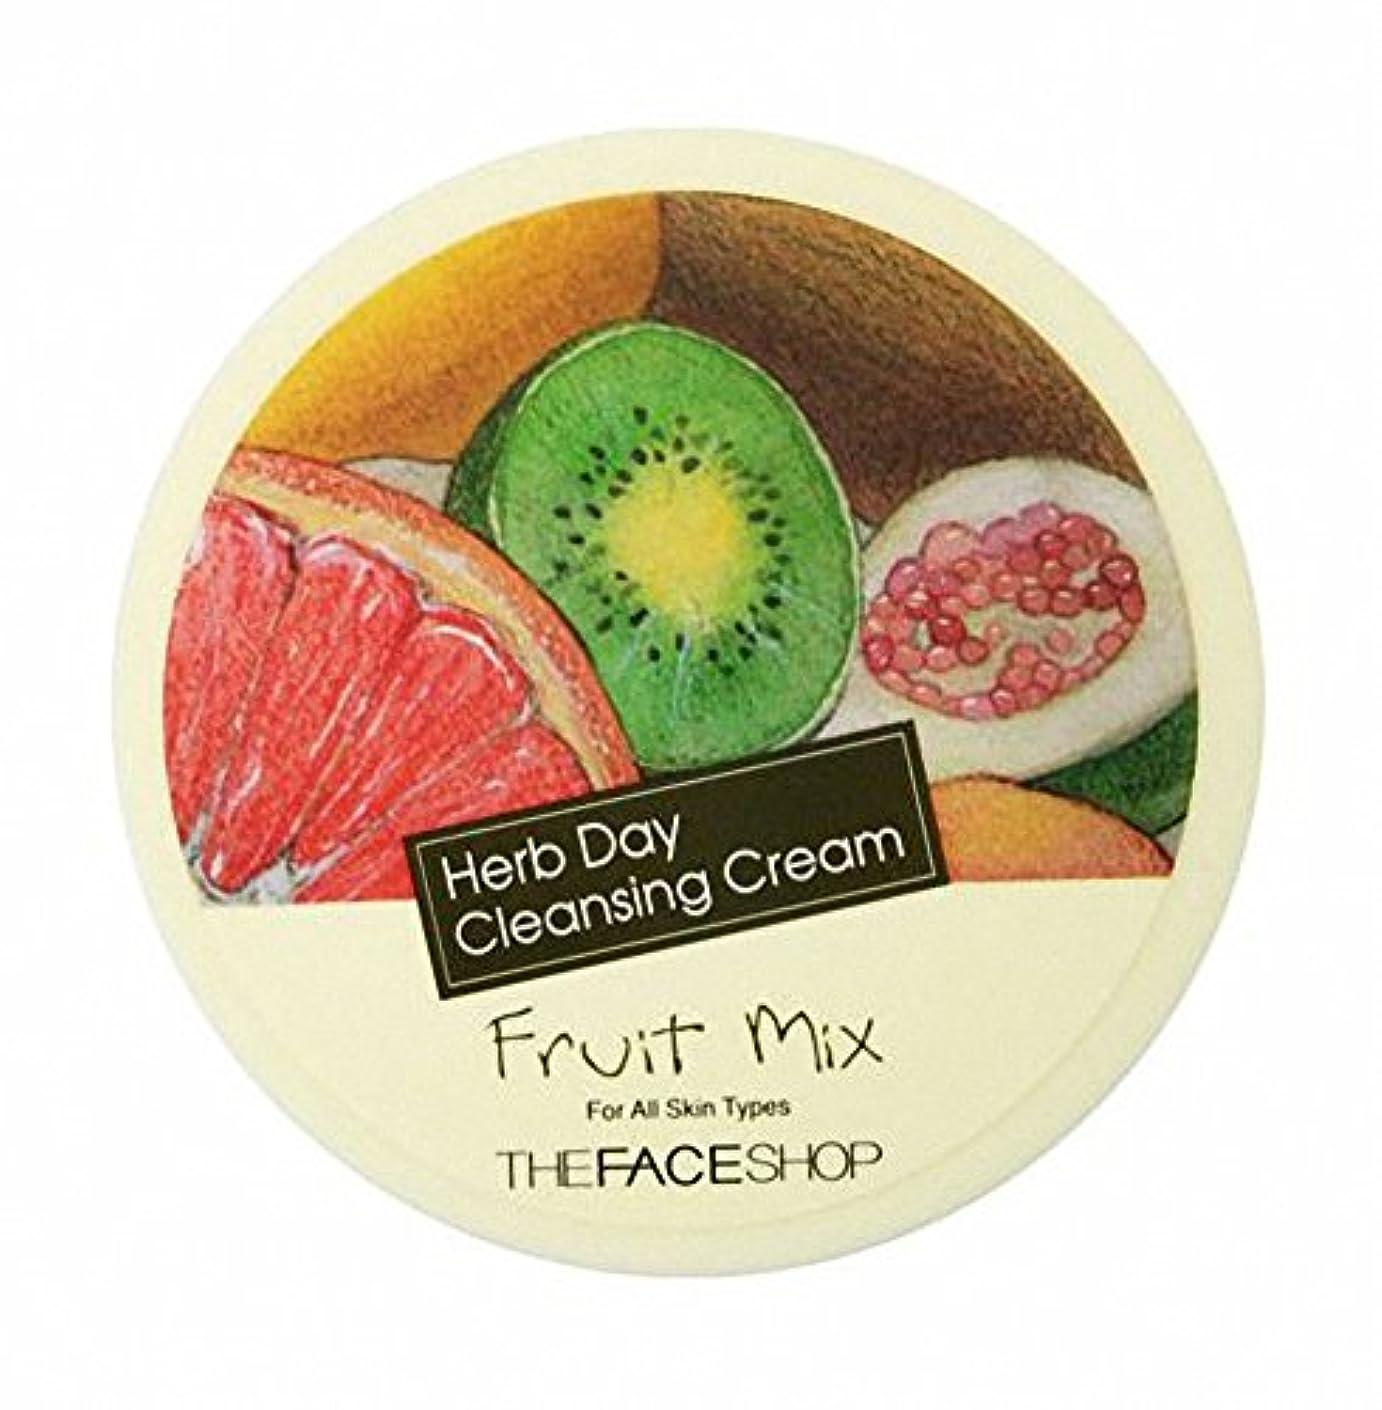 ノート政治家晴れザ·フェイスショップ The Face Shop ハーブデイ クレンジングクリーム 150ml (フルーツミックス) The Face Shop Herb Day Cleansing Cream 150ml (Fruit...